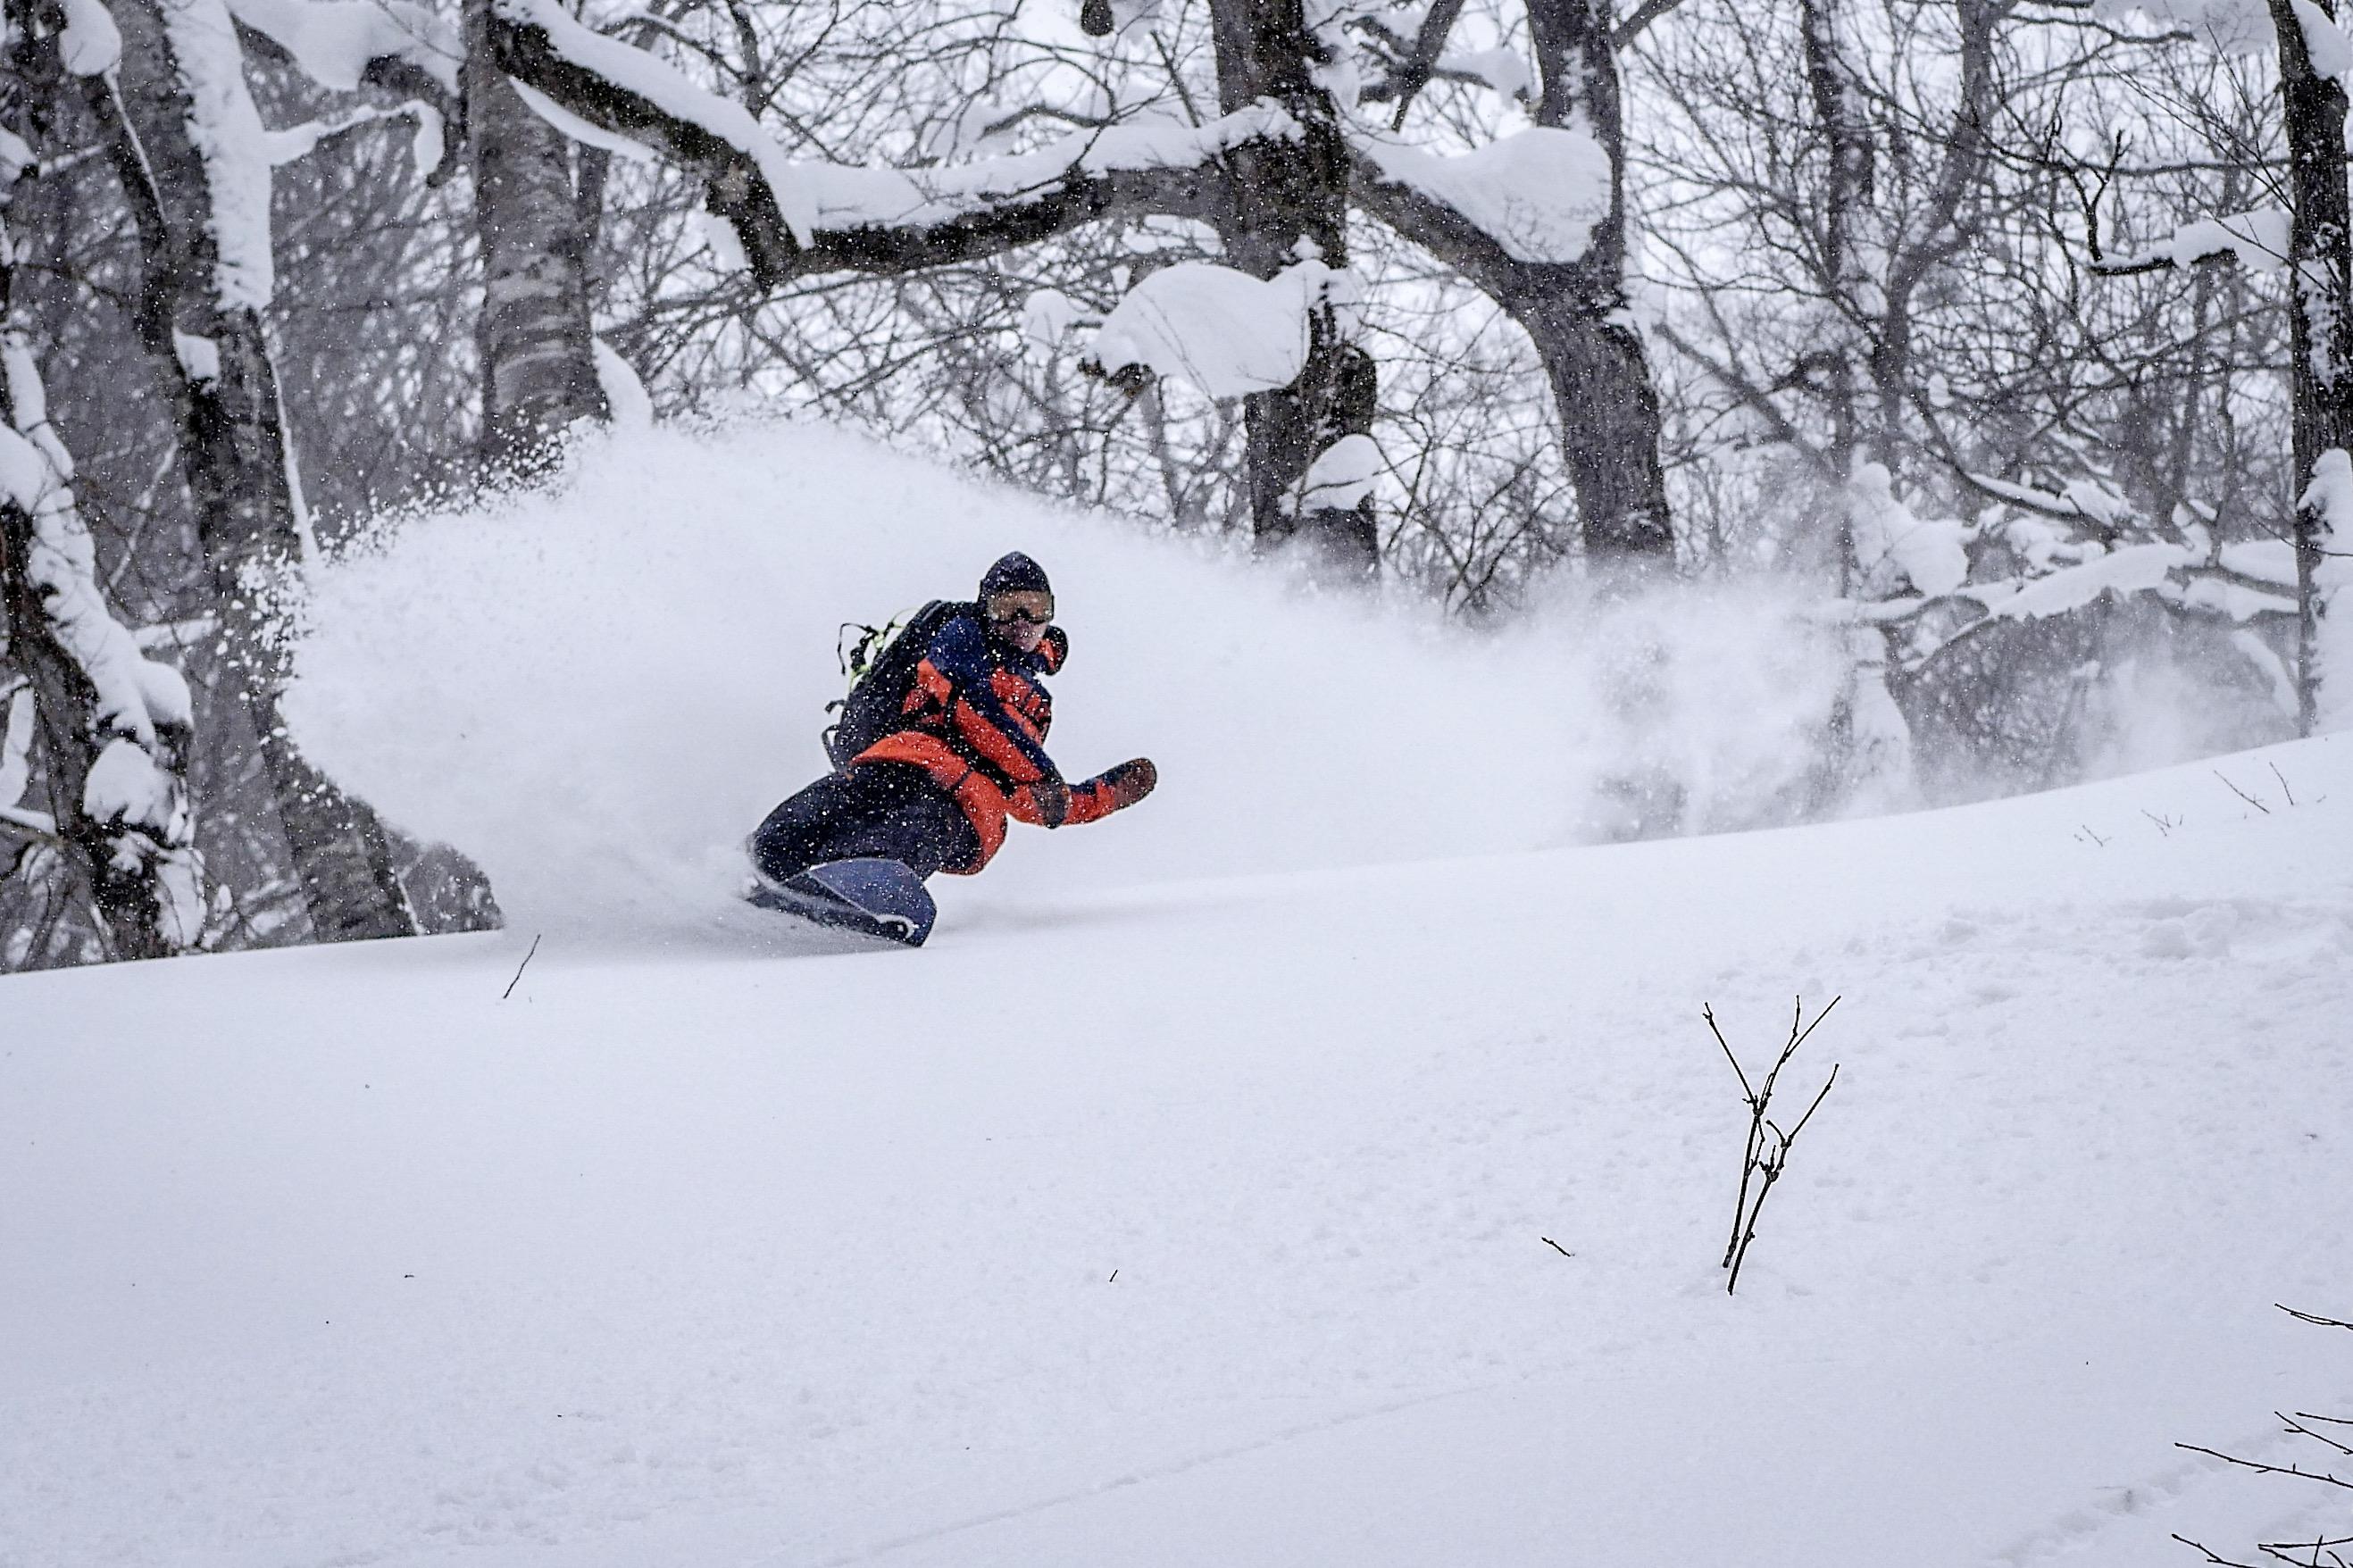 19-20モデル 日本トップのパウダースキルをもつ原田将臣が北海道の豪雪でcoreを選ぶ理由